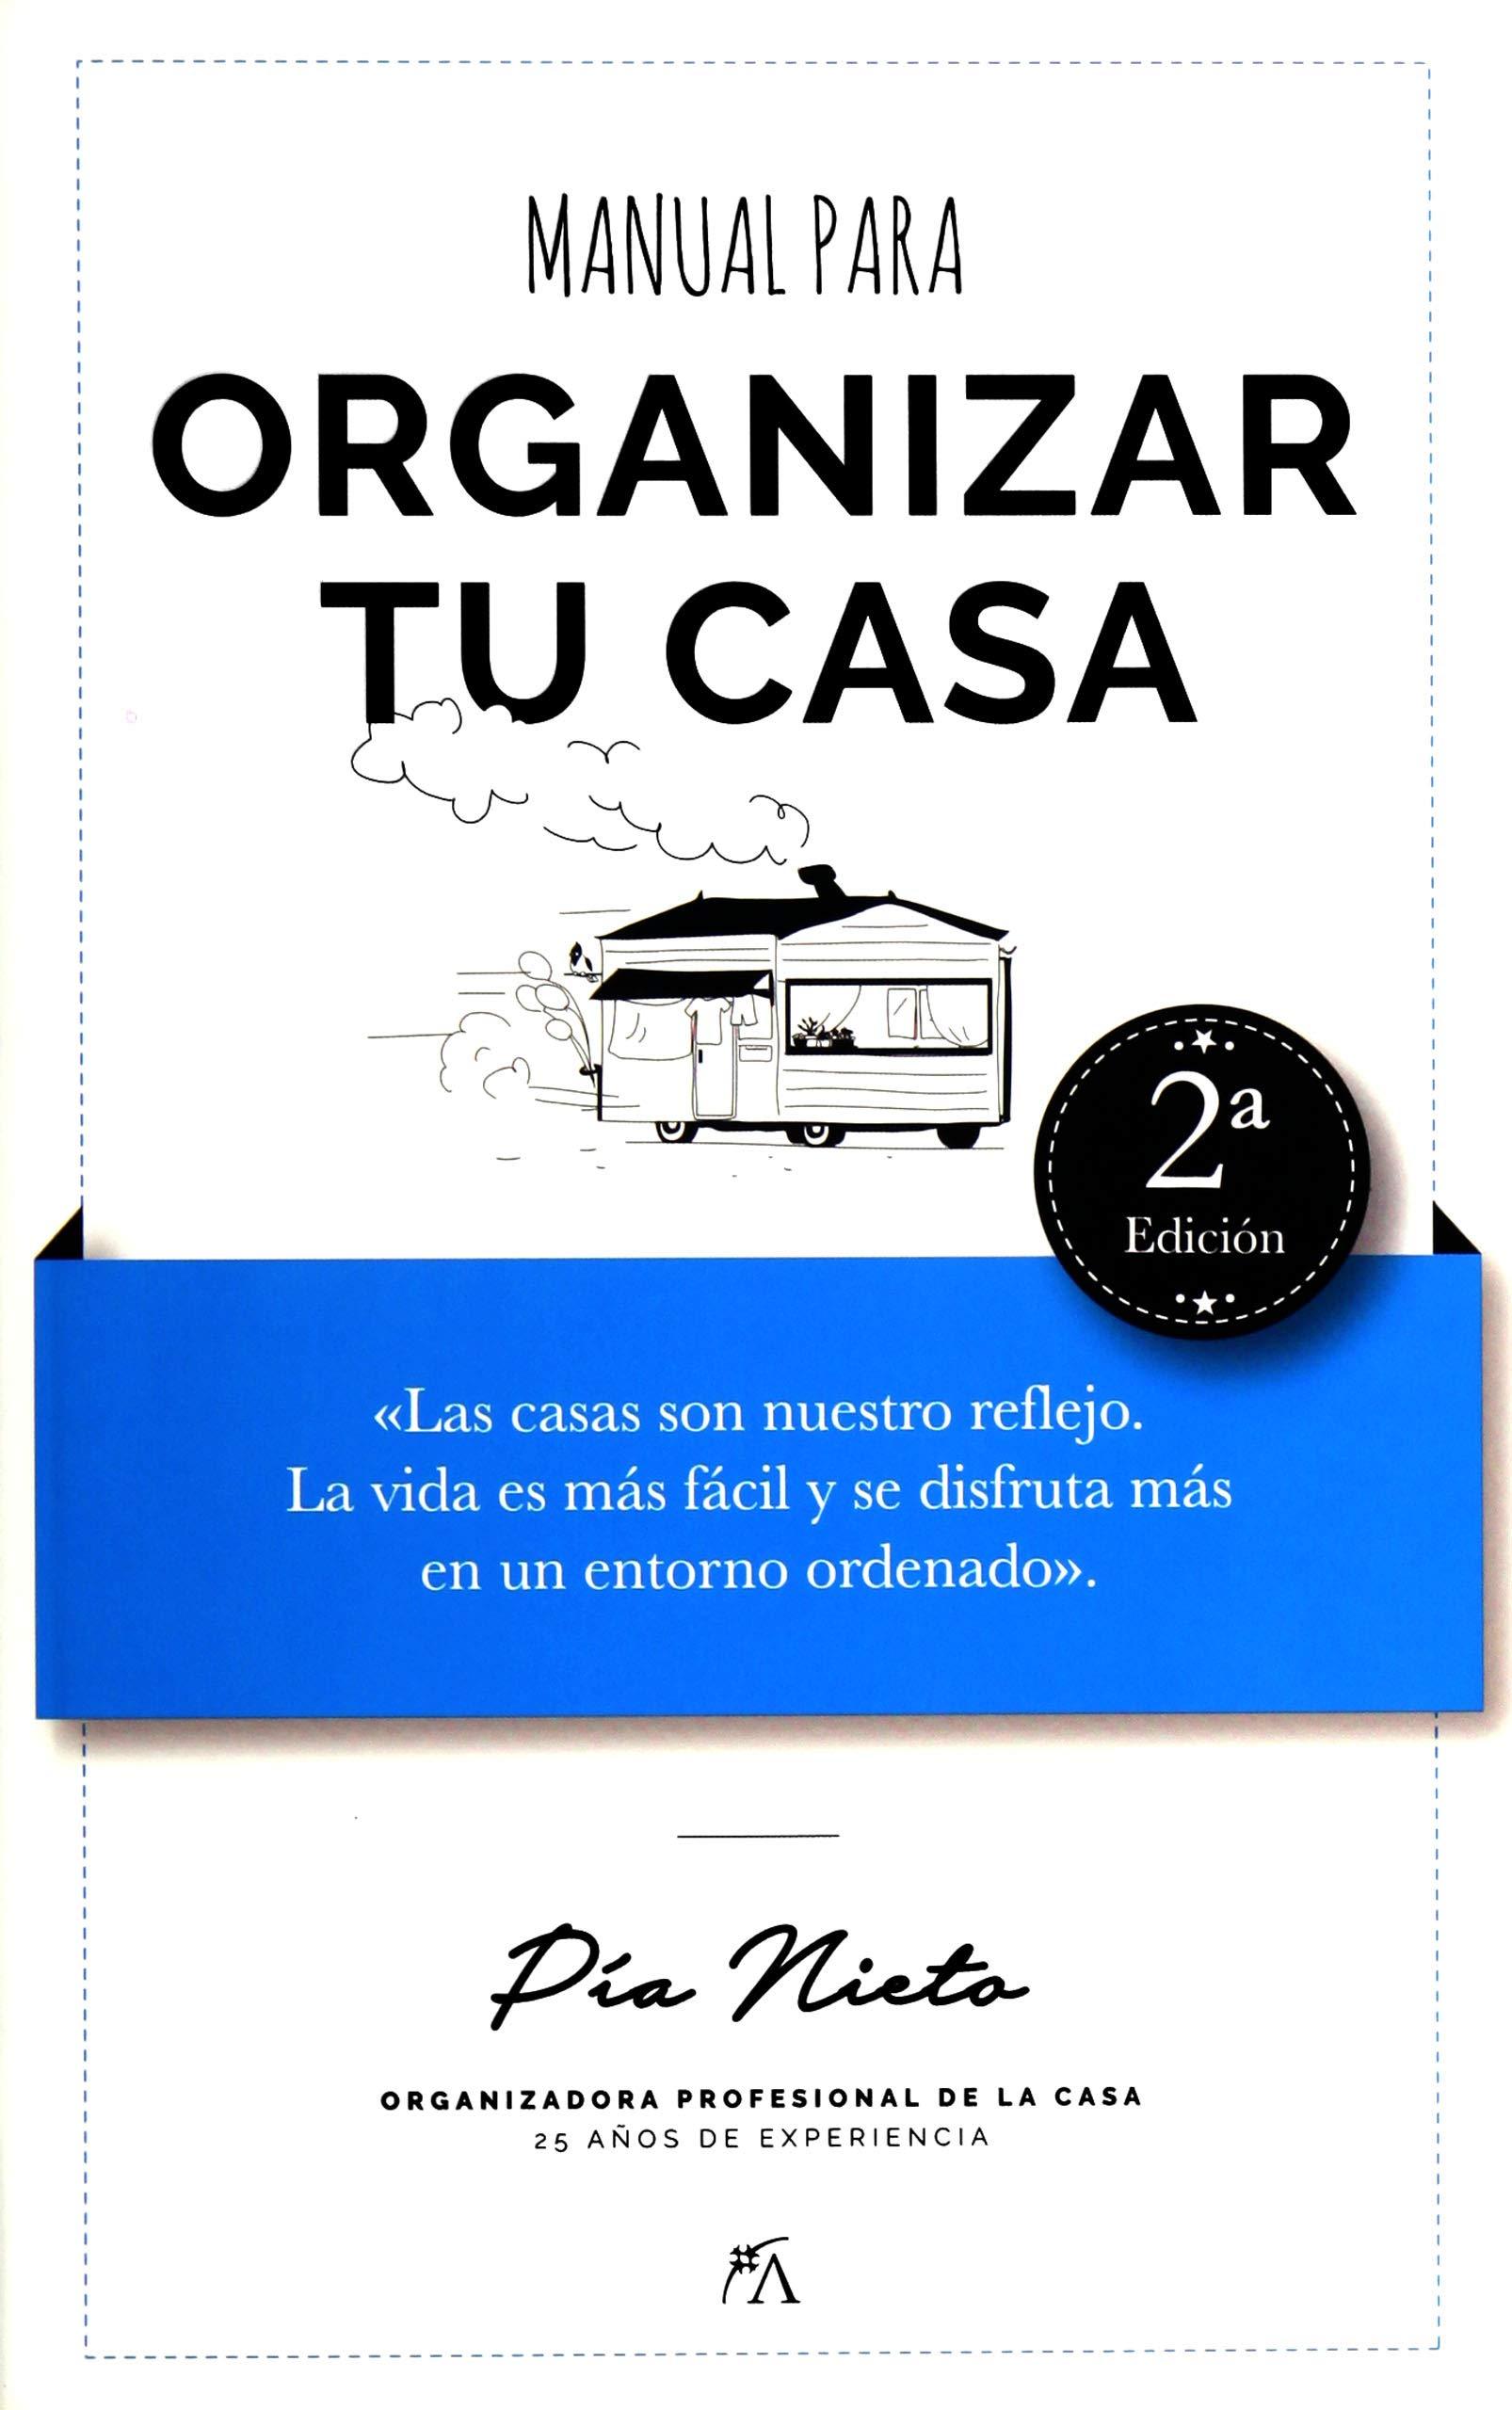 Manual para organizar tu casa. Pía organiza Manuales: Amazon.es: Nieto Villa, Pía: Libros